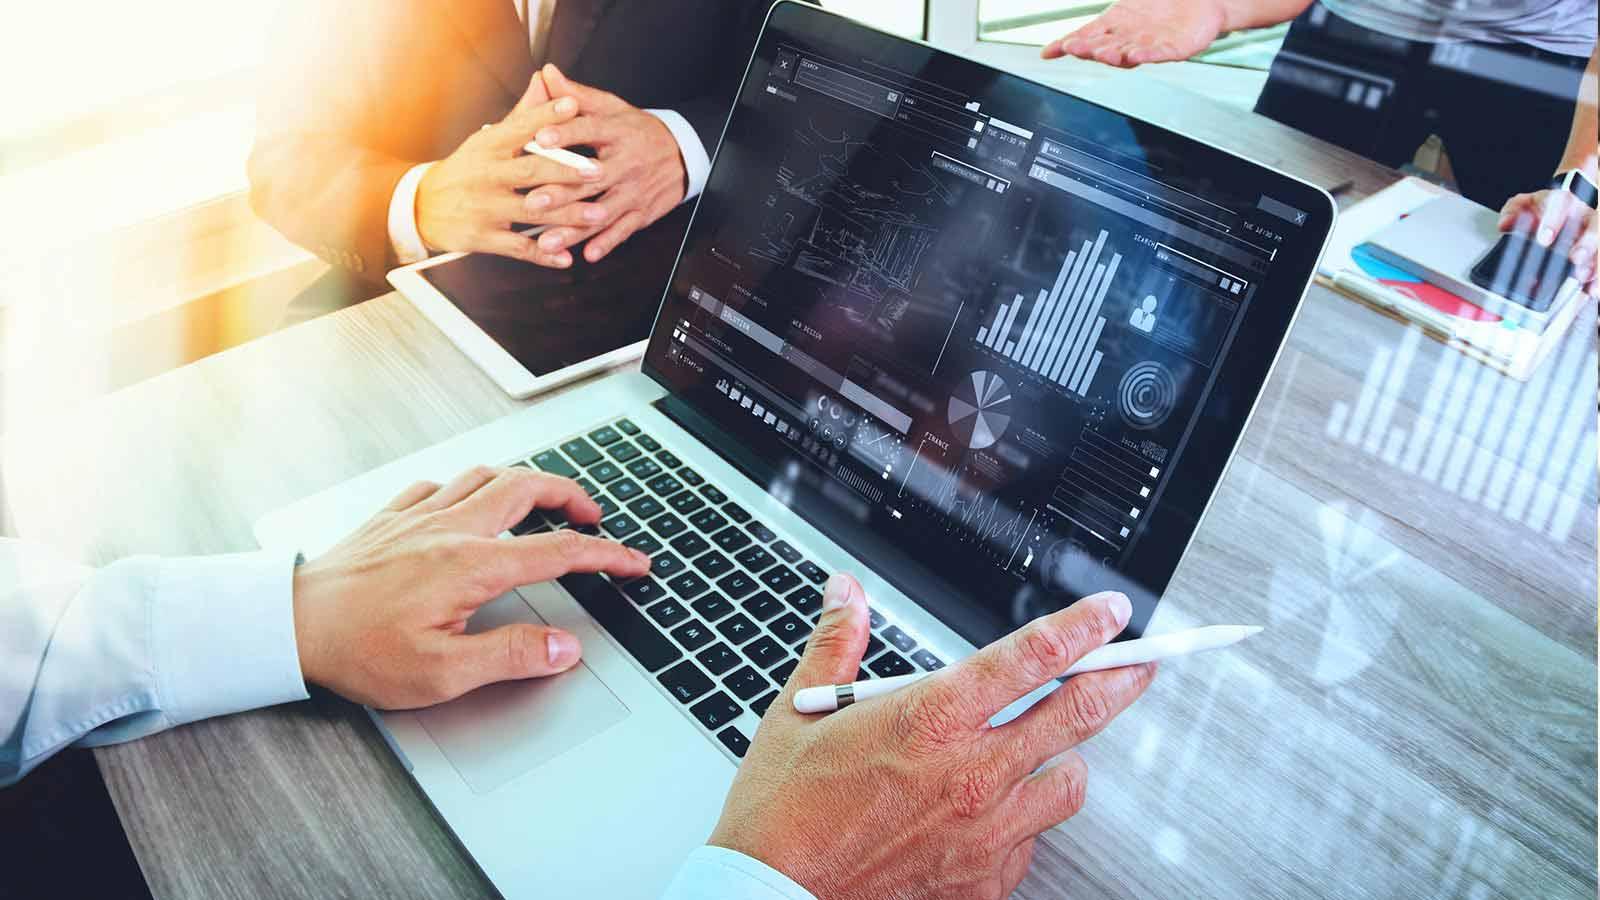 Inversiones y Mercado de Capitales Preparación – CFA Nivel 1